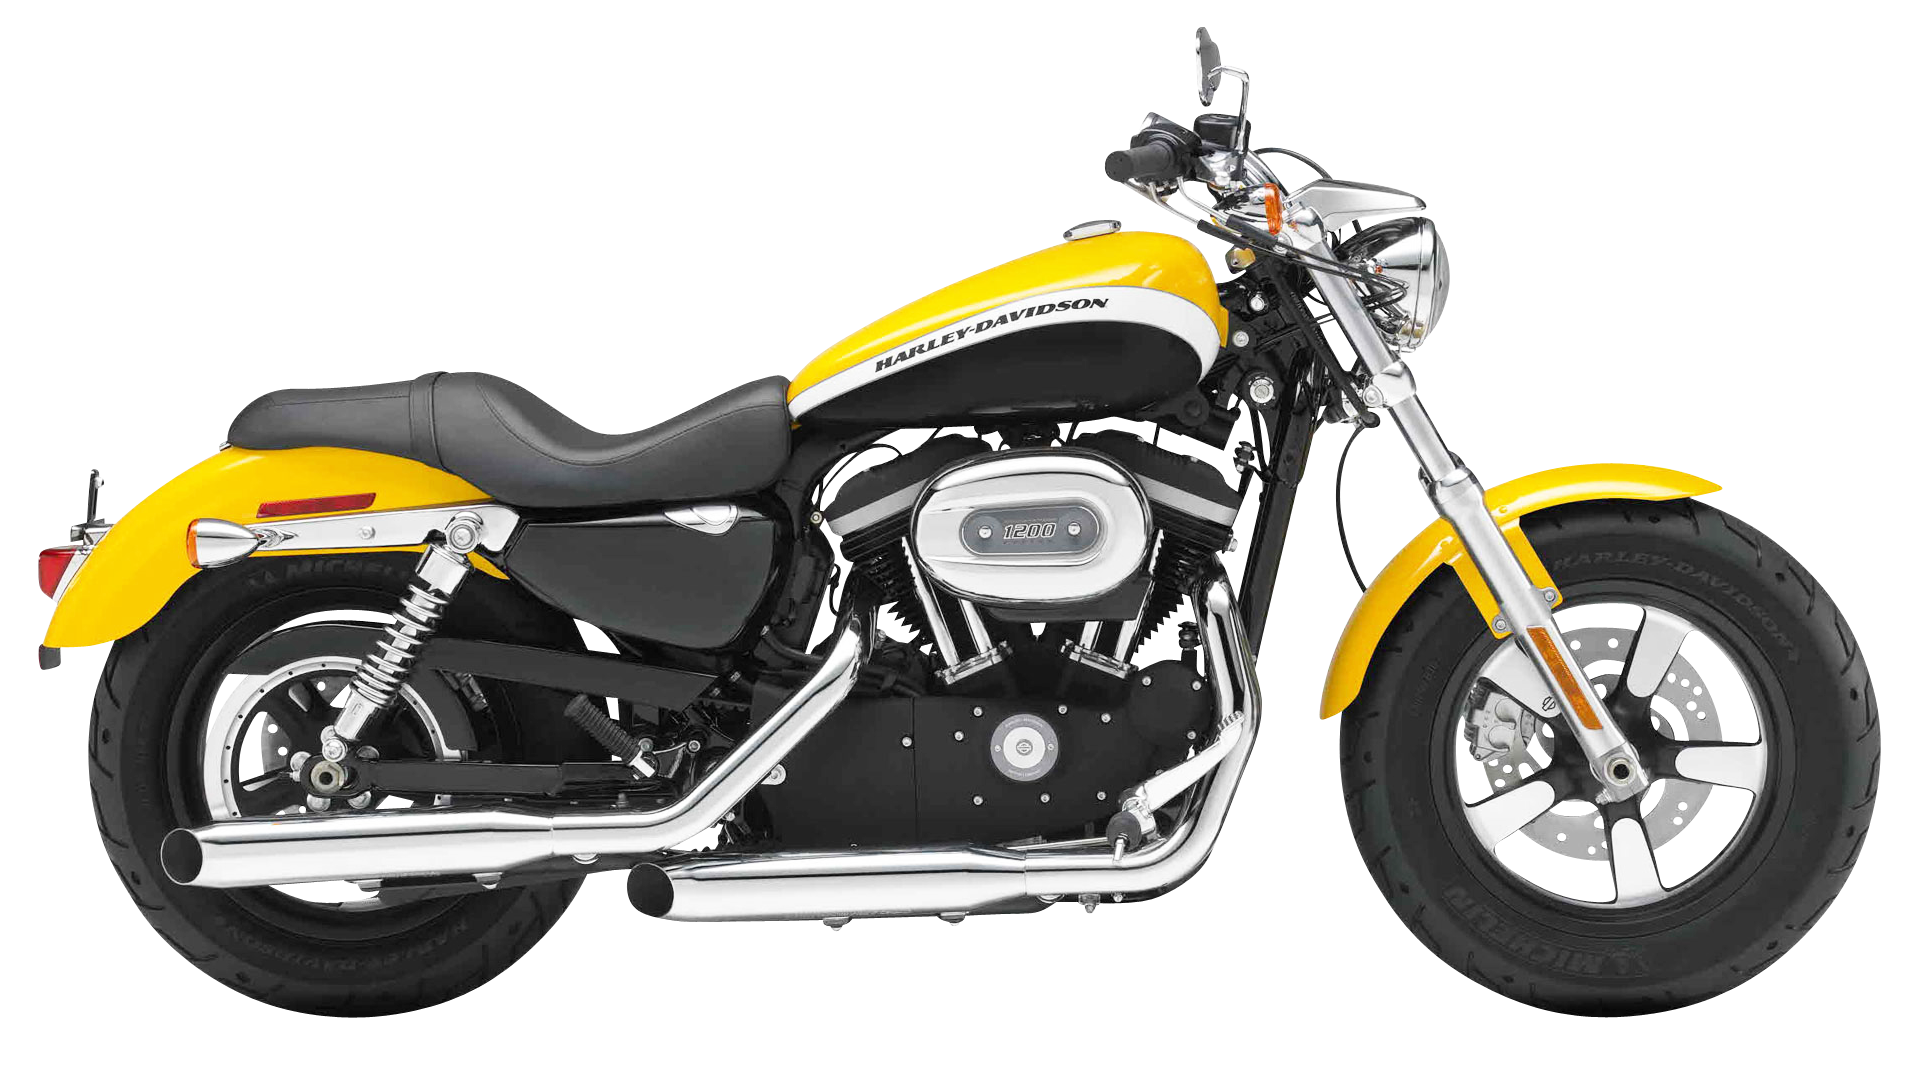 Harley Davidson 1200 Sportster PNG Image